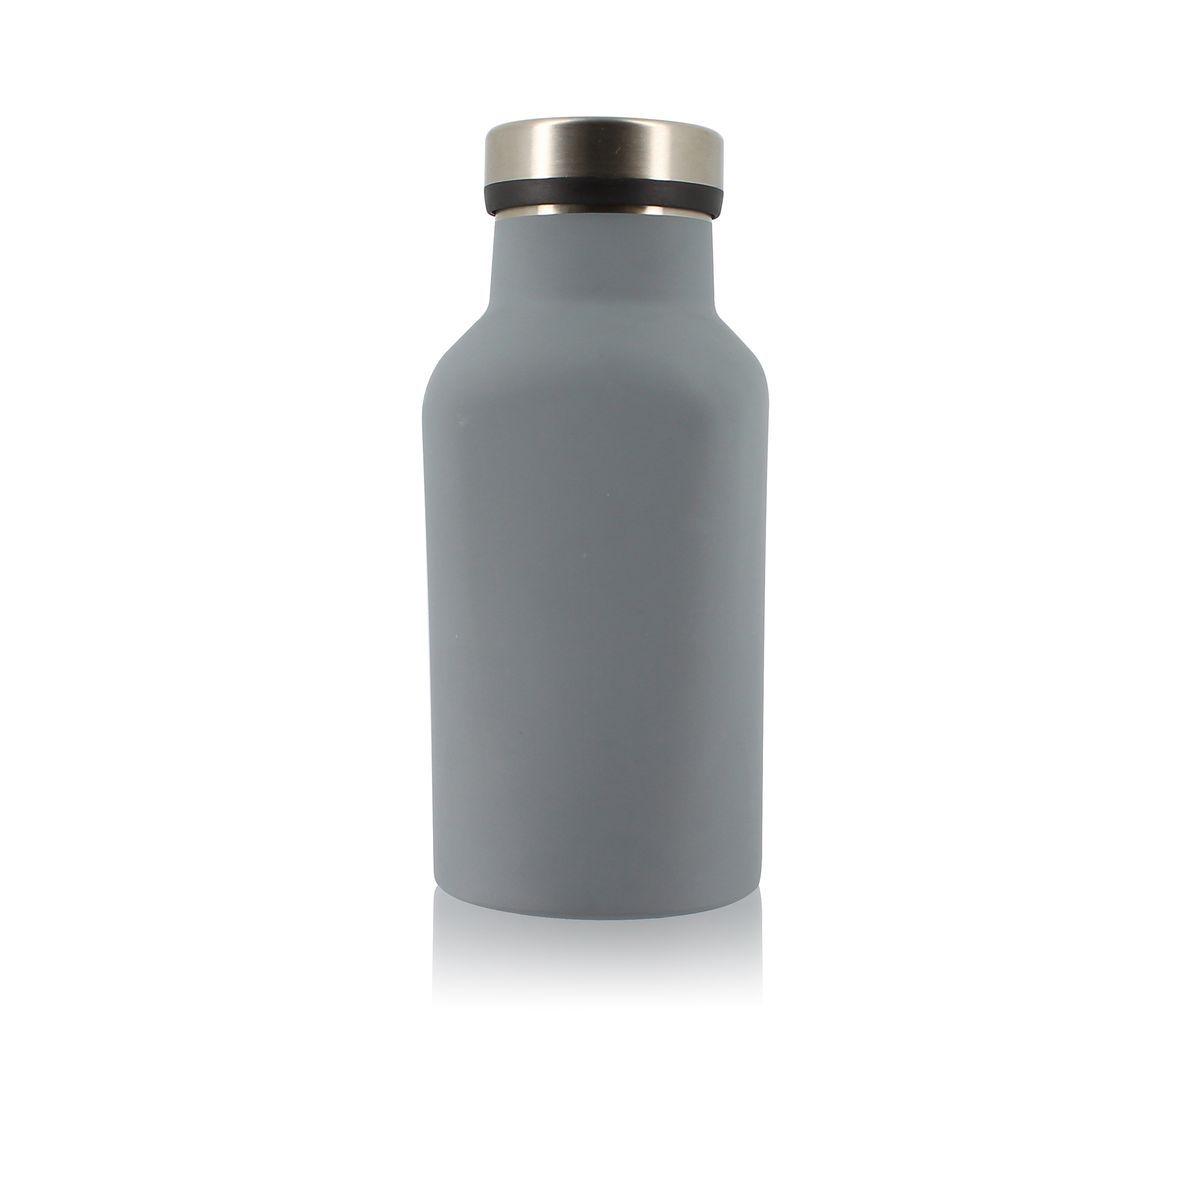 Bouteille en acier inoxydable 280 ml